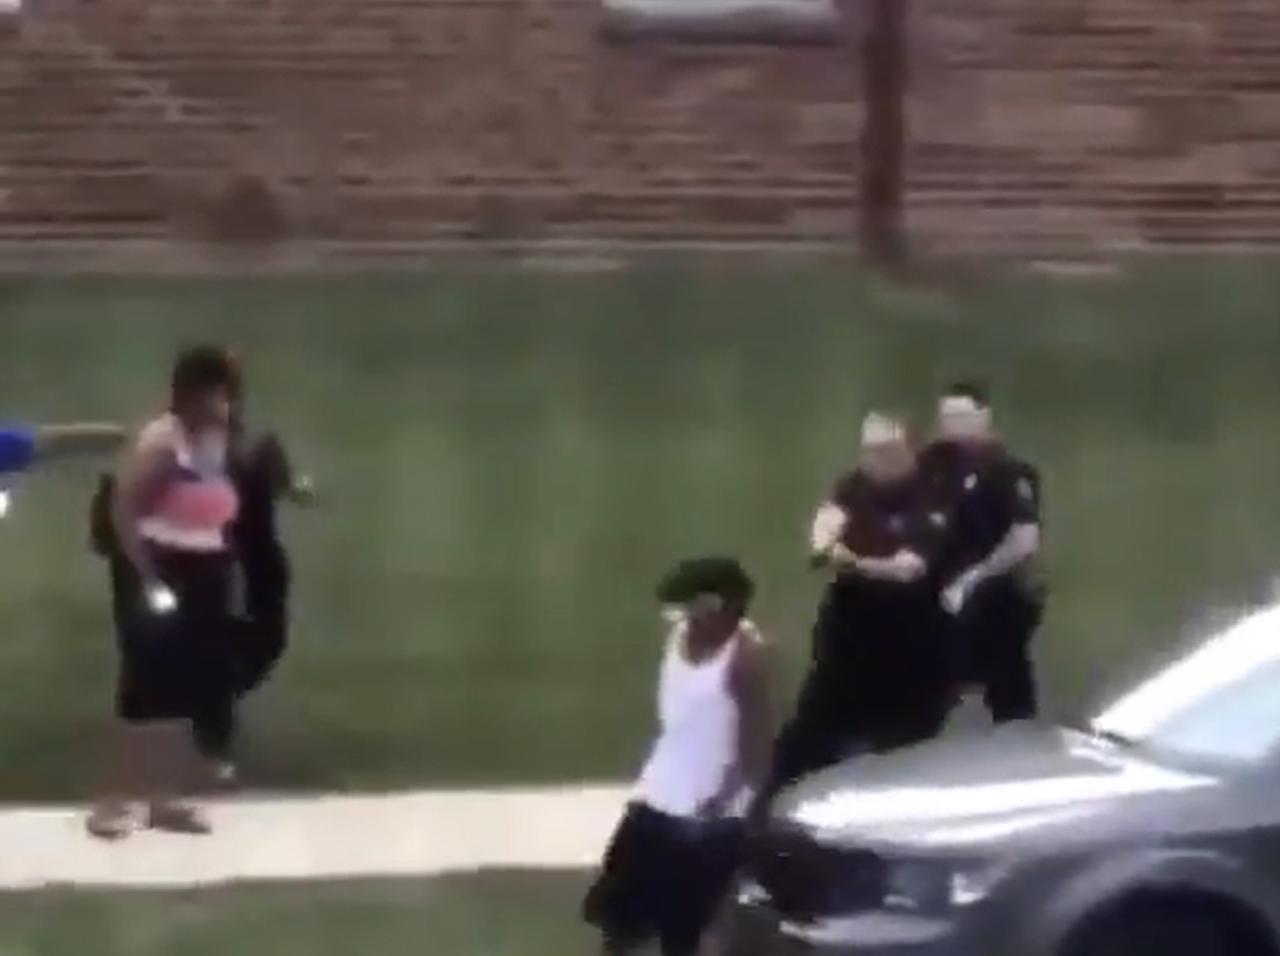 画像: 黒人男性が3人の子供の前で白人警官に7発撃たれる、Black Lives Matterデモがふたたび - フロントロウ -海外セレブ情報を発信